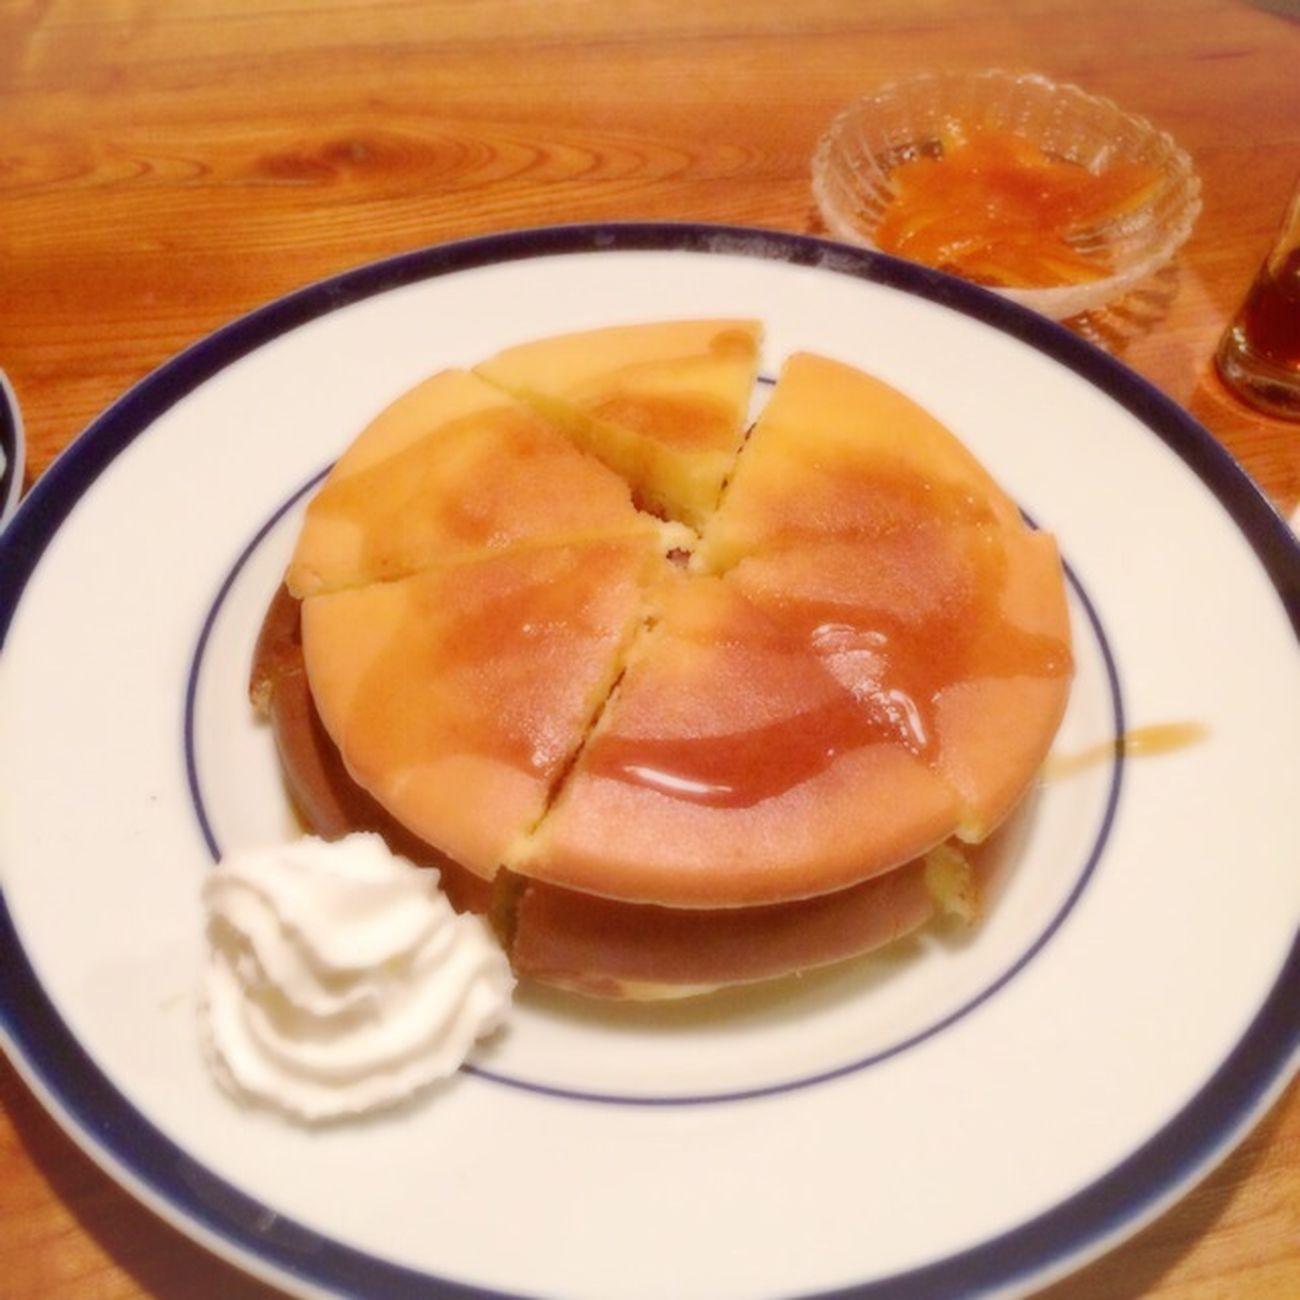 シンプルなホットケーキ 自家製オレンジピールと。@夜トンボロ